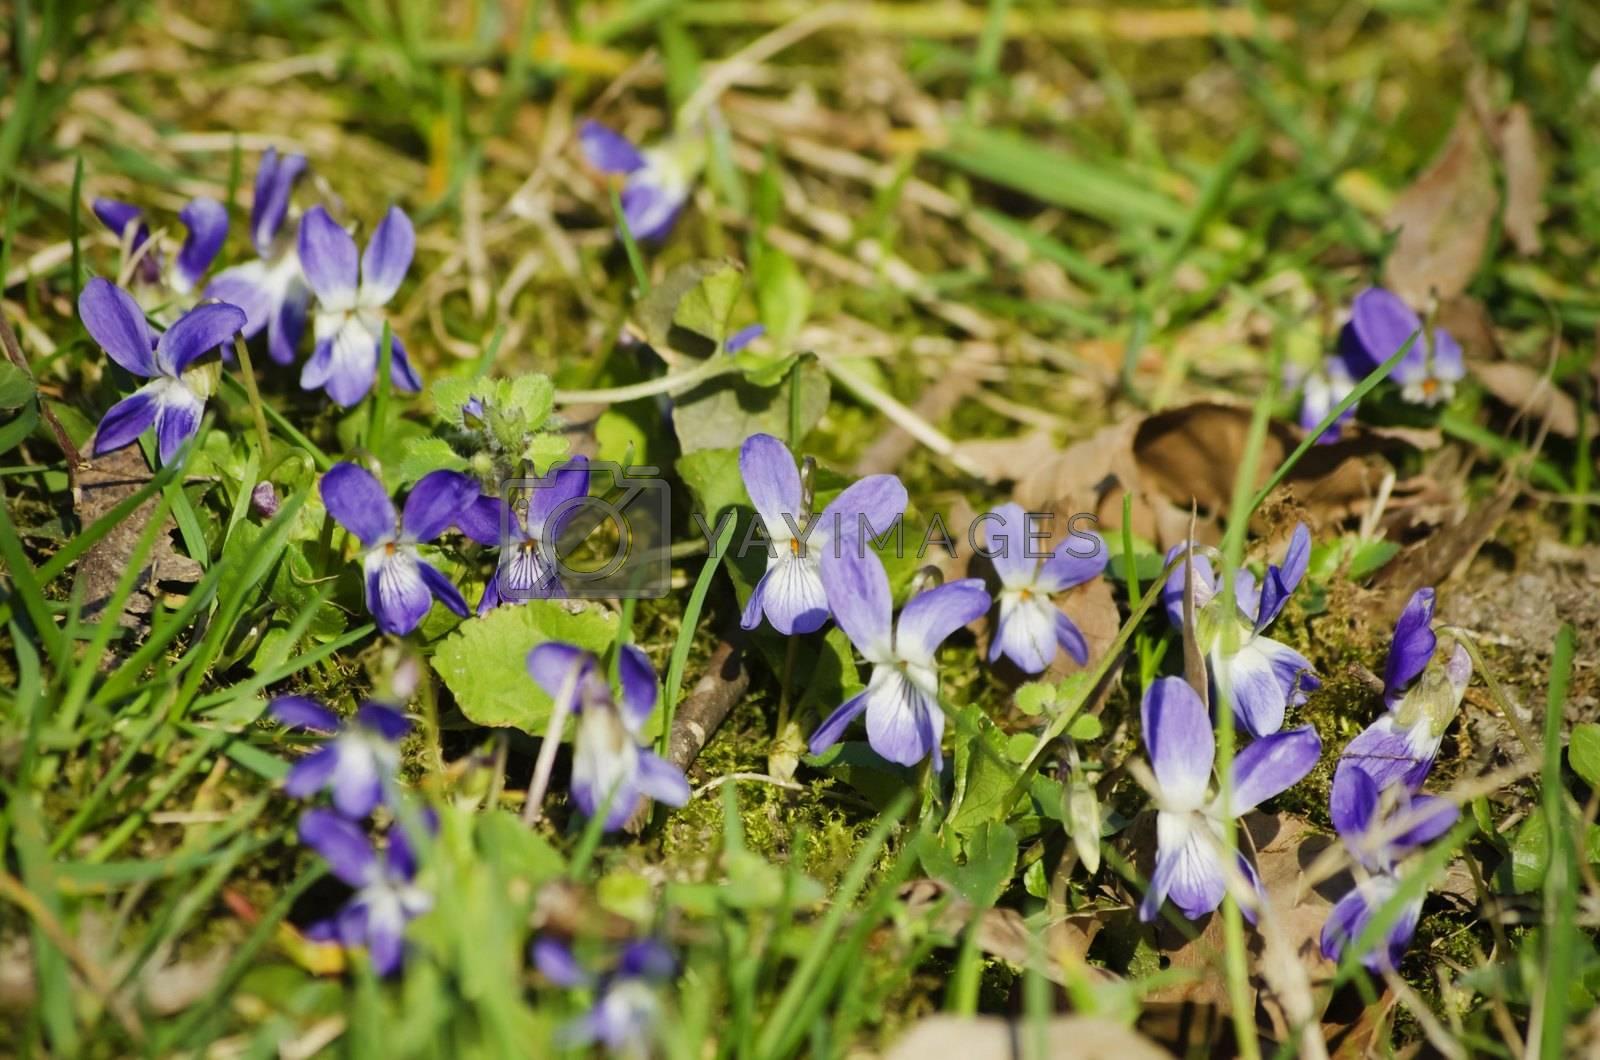 Wild Viola Flower Over Green Grass